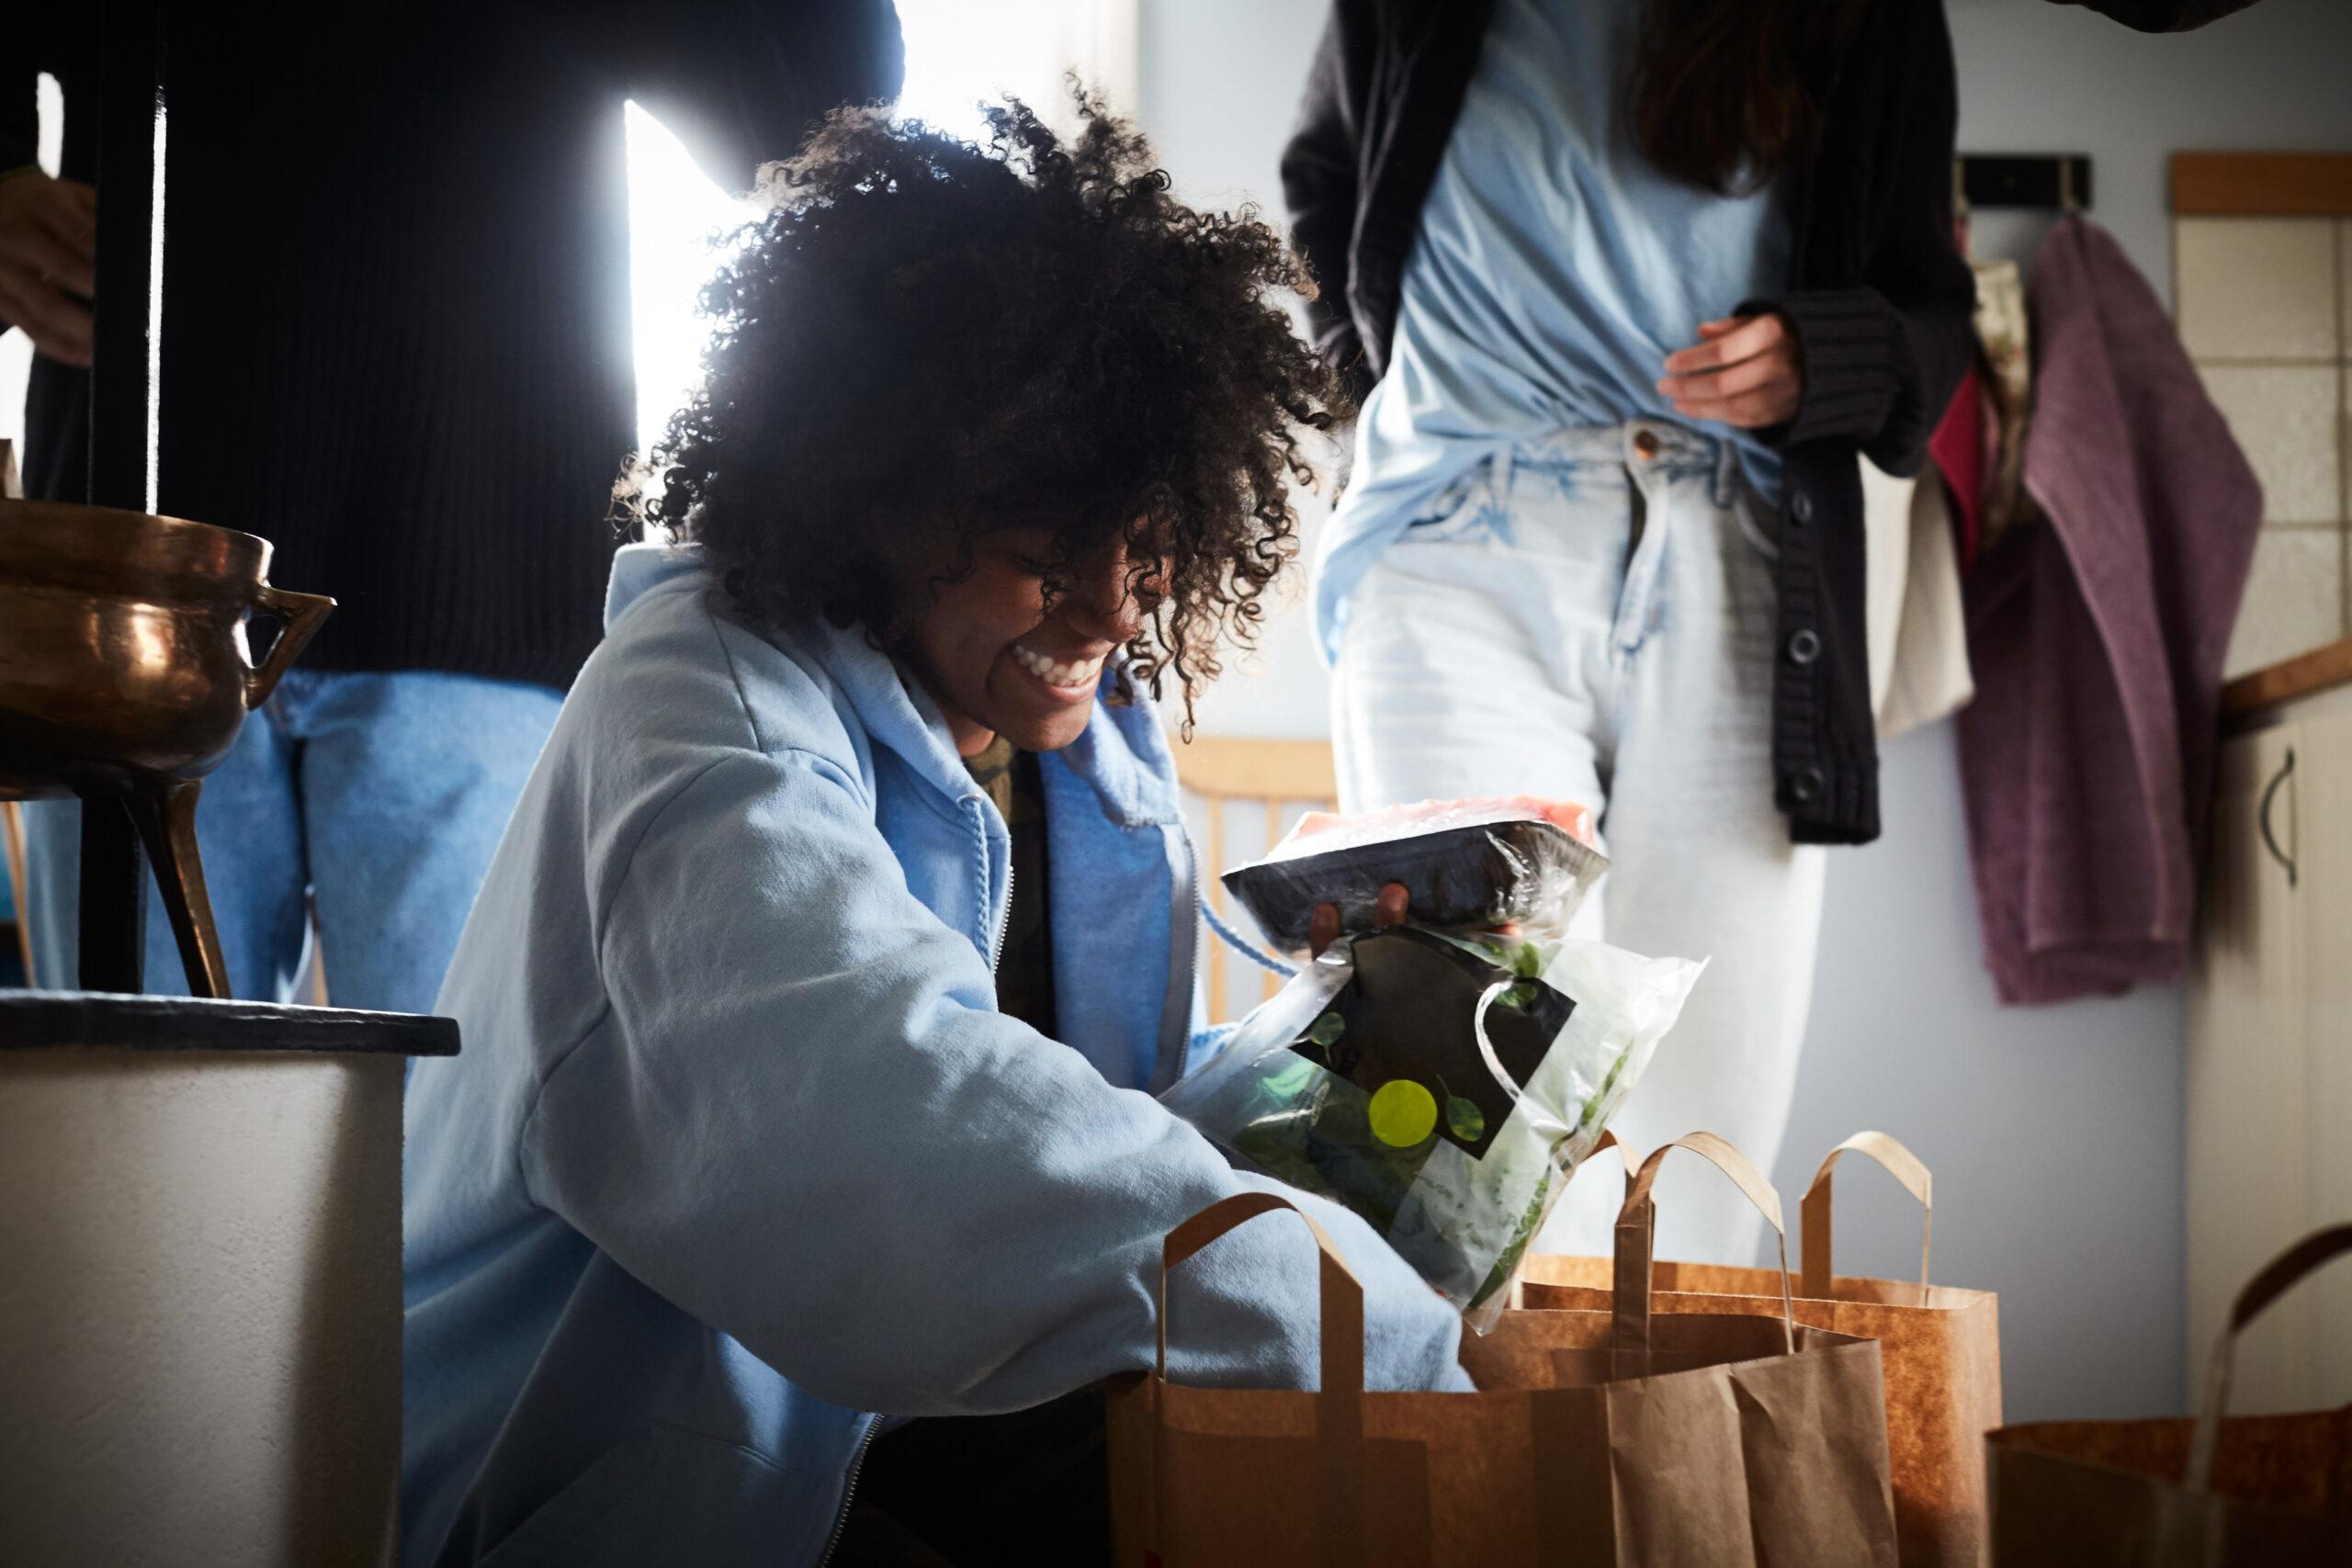 Kvinna plockar upp sallad och andra matvaror ur papperskassar. Förpackningsmaterialets inverkan på maten.